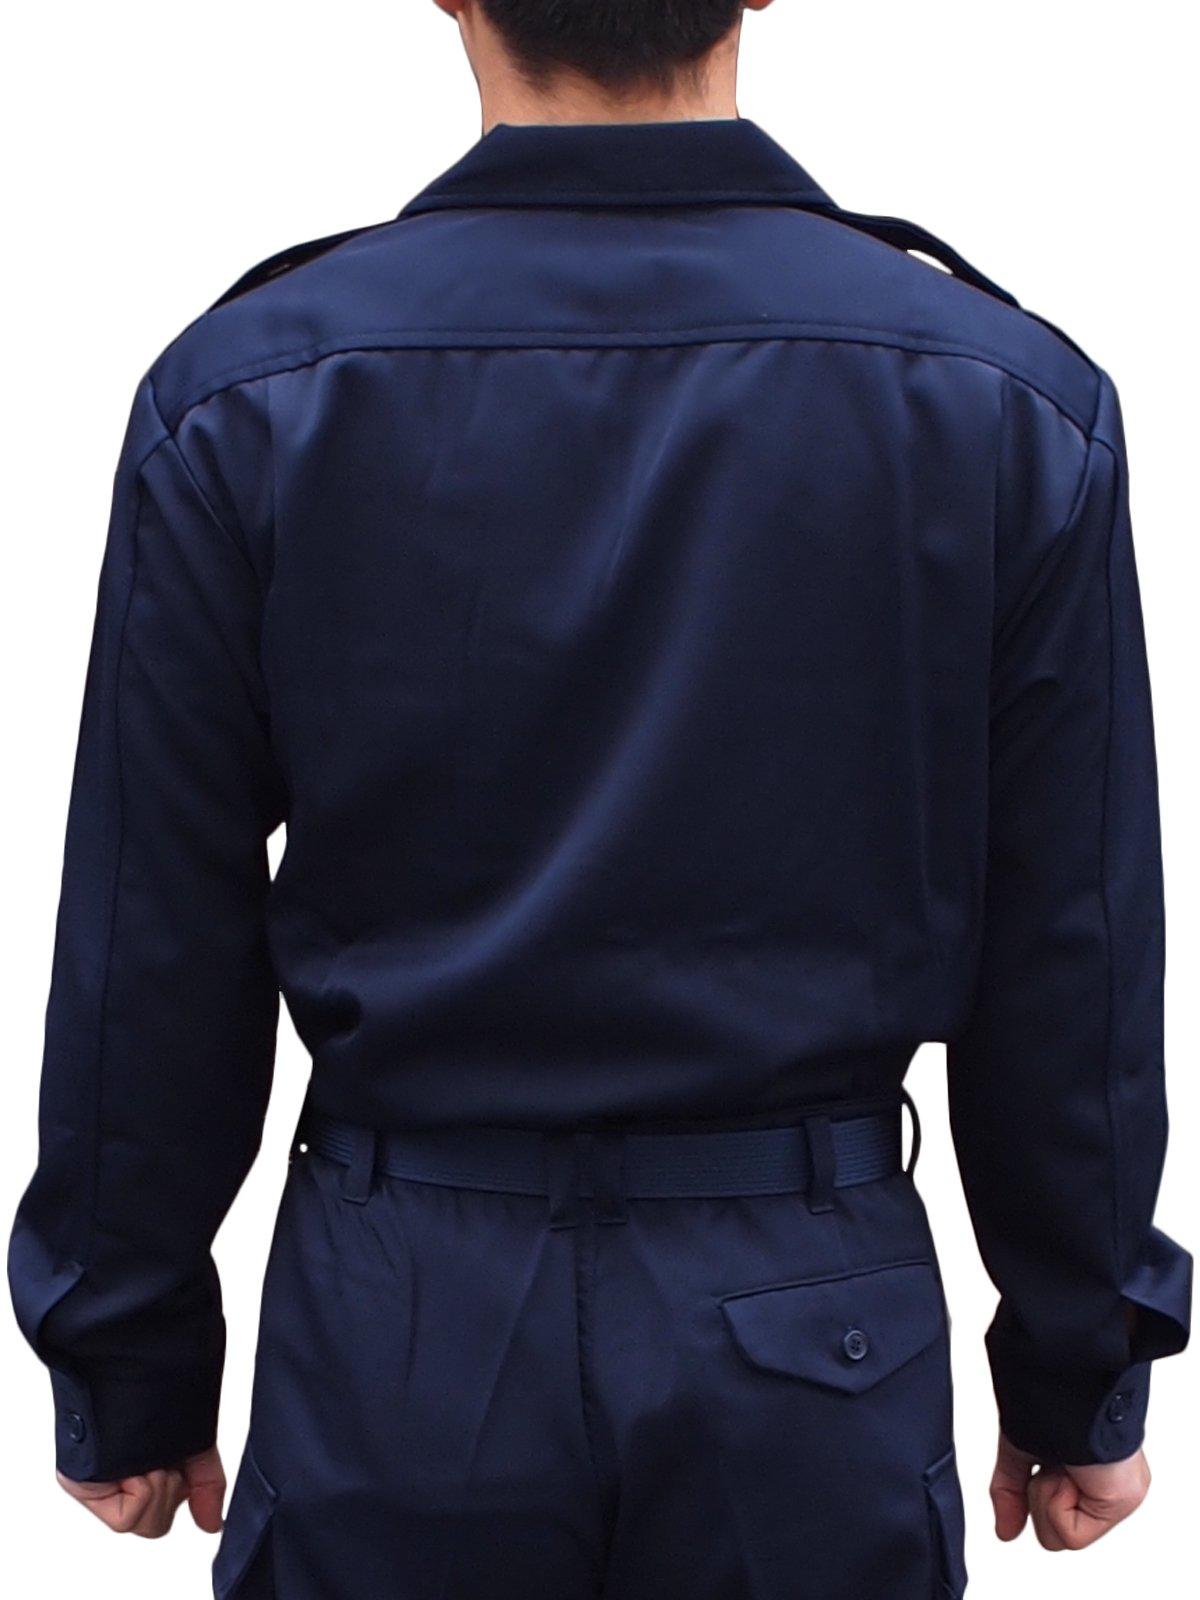 消防作業服開襟上衣【画像2】